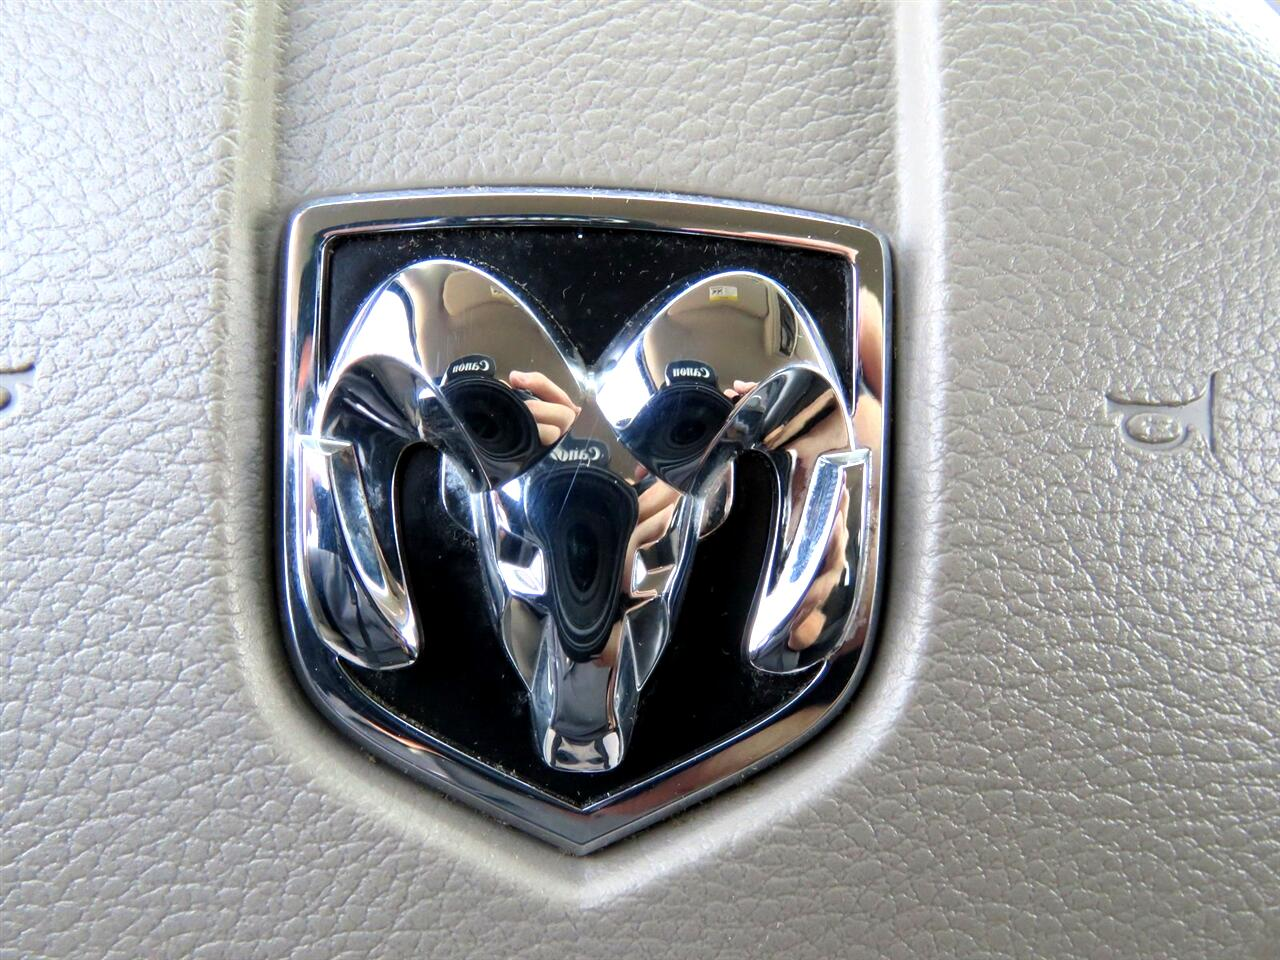 2011 RAM 1500 Big Horn